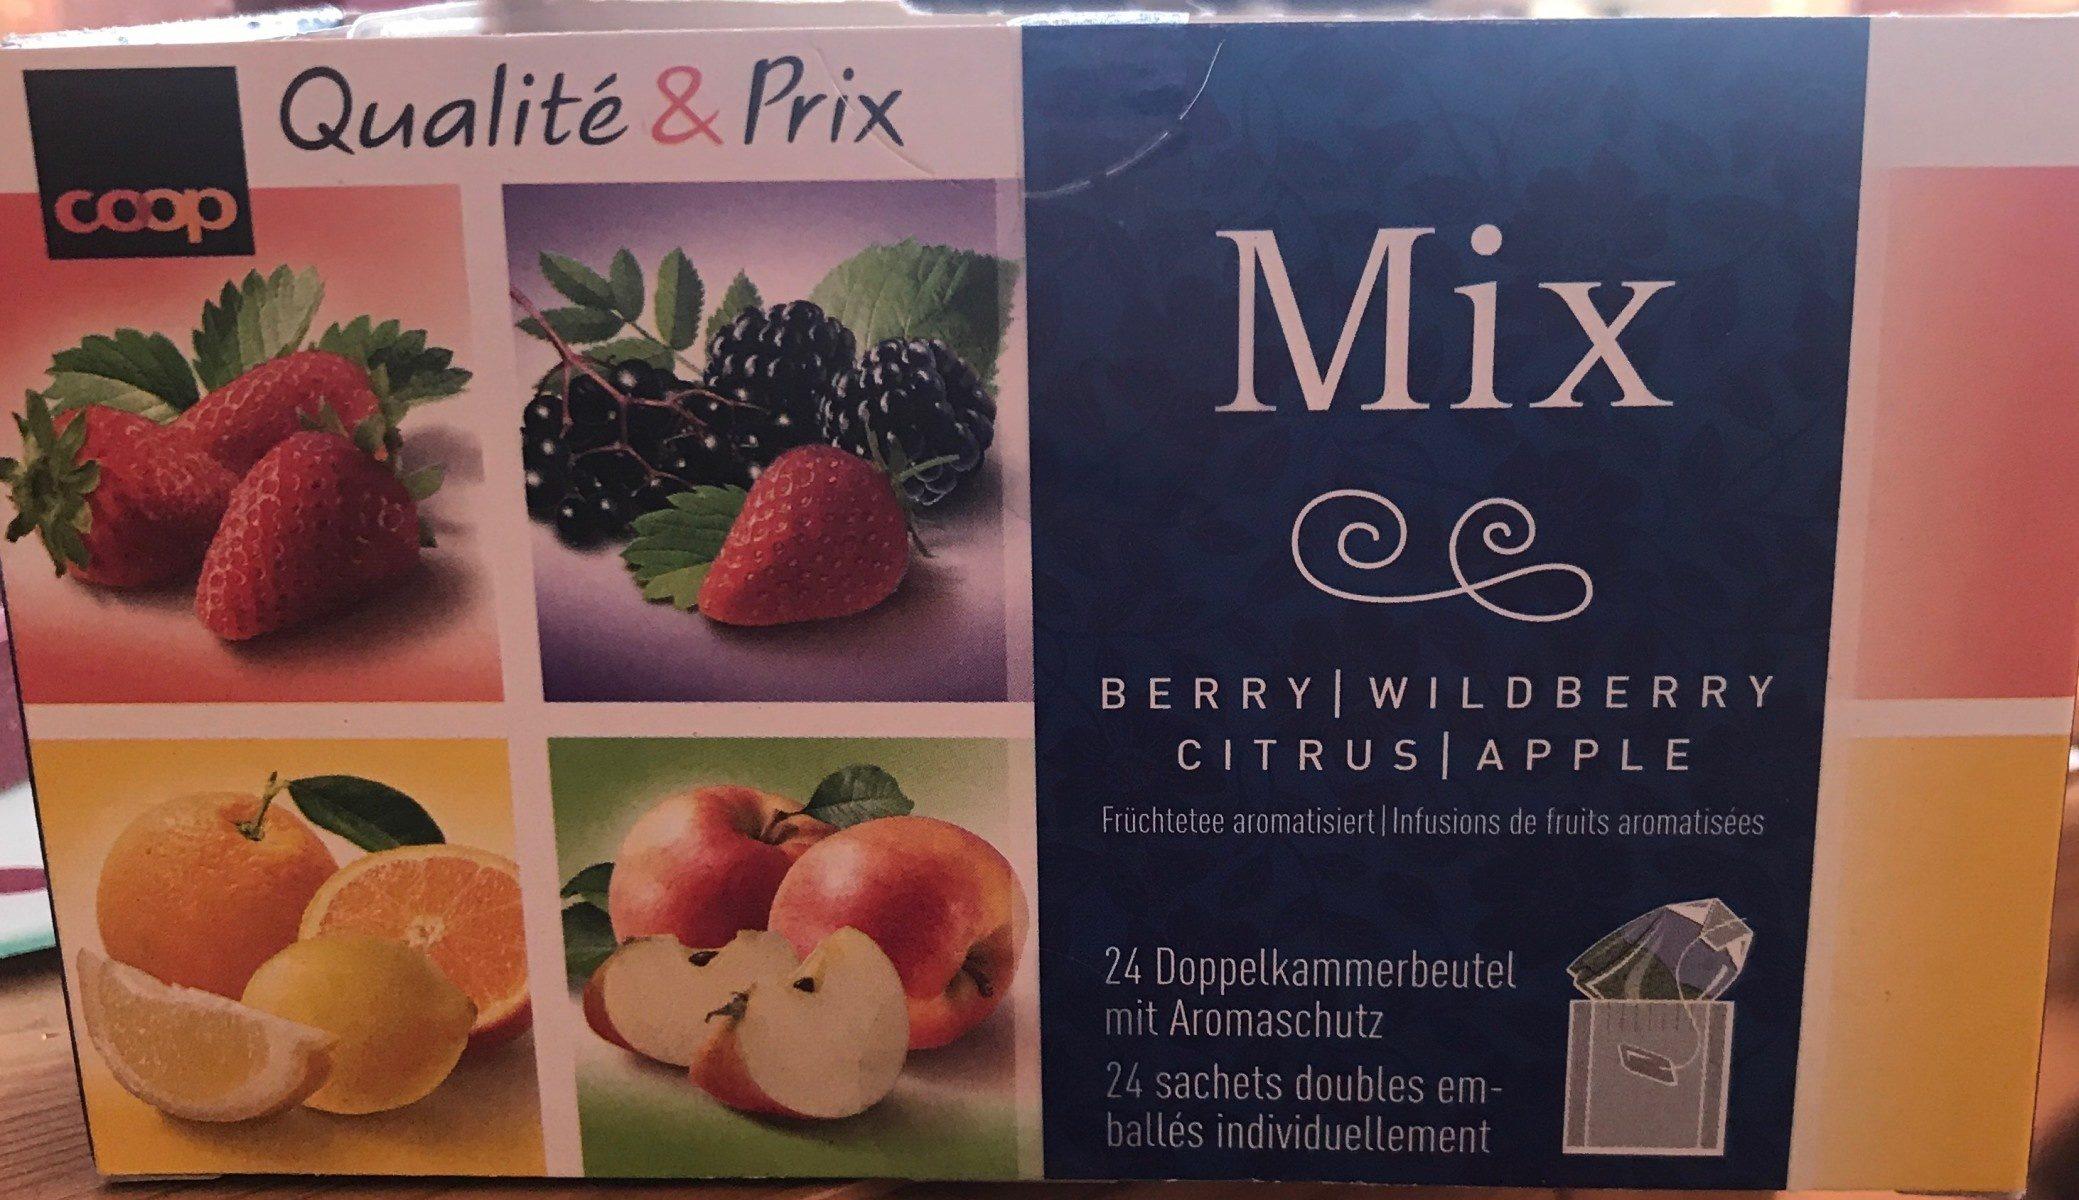 Qualité & Prix Mix mélanges de fruits à infusion aromatisés - Product